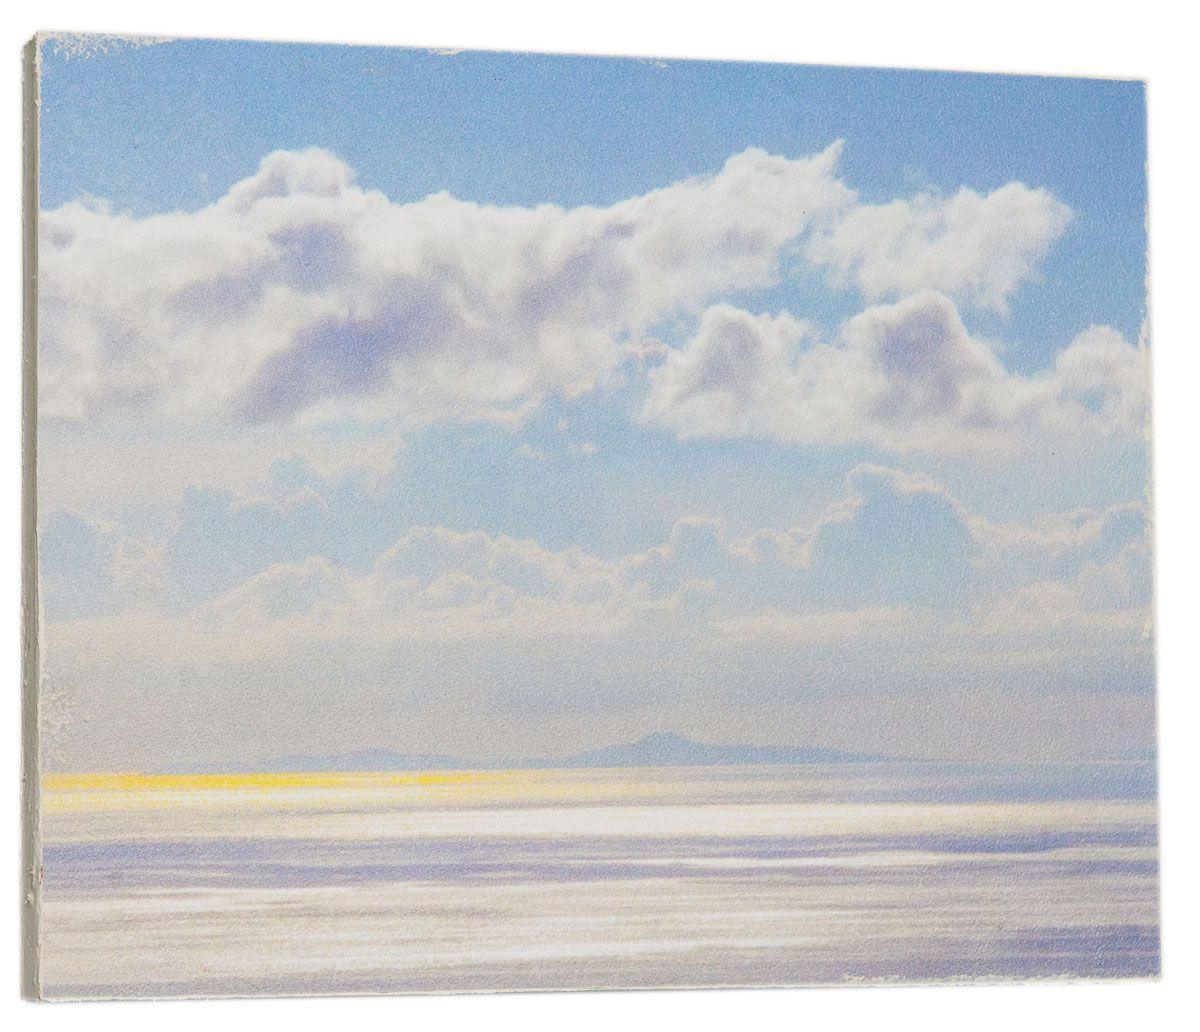 Картина Mister Poster Красивое небо, 32 х 24 см0307-24-32Картина Mister Poster - это высококачественная репродукция на деревянной раме. Лицевая поверхность имитирует штукатурку или натуральный холст, края окрашены вручную специальным декоративным составом.Современные технологии, уникальное оборудование и оригинальные чернила, используемые при изготовлении, делают постер устойчивым к выцветанию, а также гарантируют стойкость к воздействию негативных внешних факторов. Интерьер дома и офиса, в котором находится человек, в значительной степени влияет на его настроение и работоспособность. Правильное оформление интерьера создает благоприятный психологический климат, улучшает настроение и мотивирует. Добавьте «красок» в ваш интерьер и, возможно, в вашу жизнь.